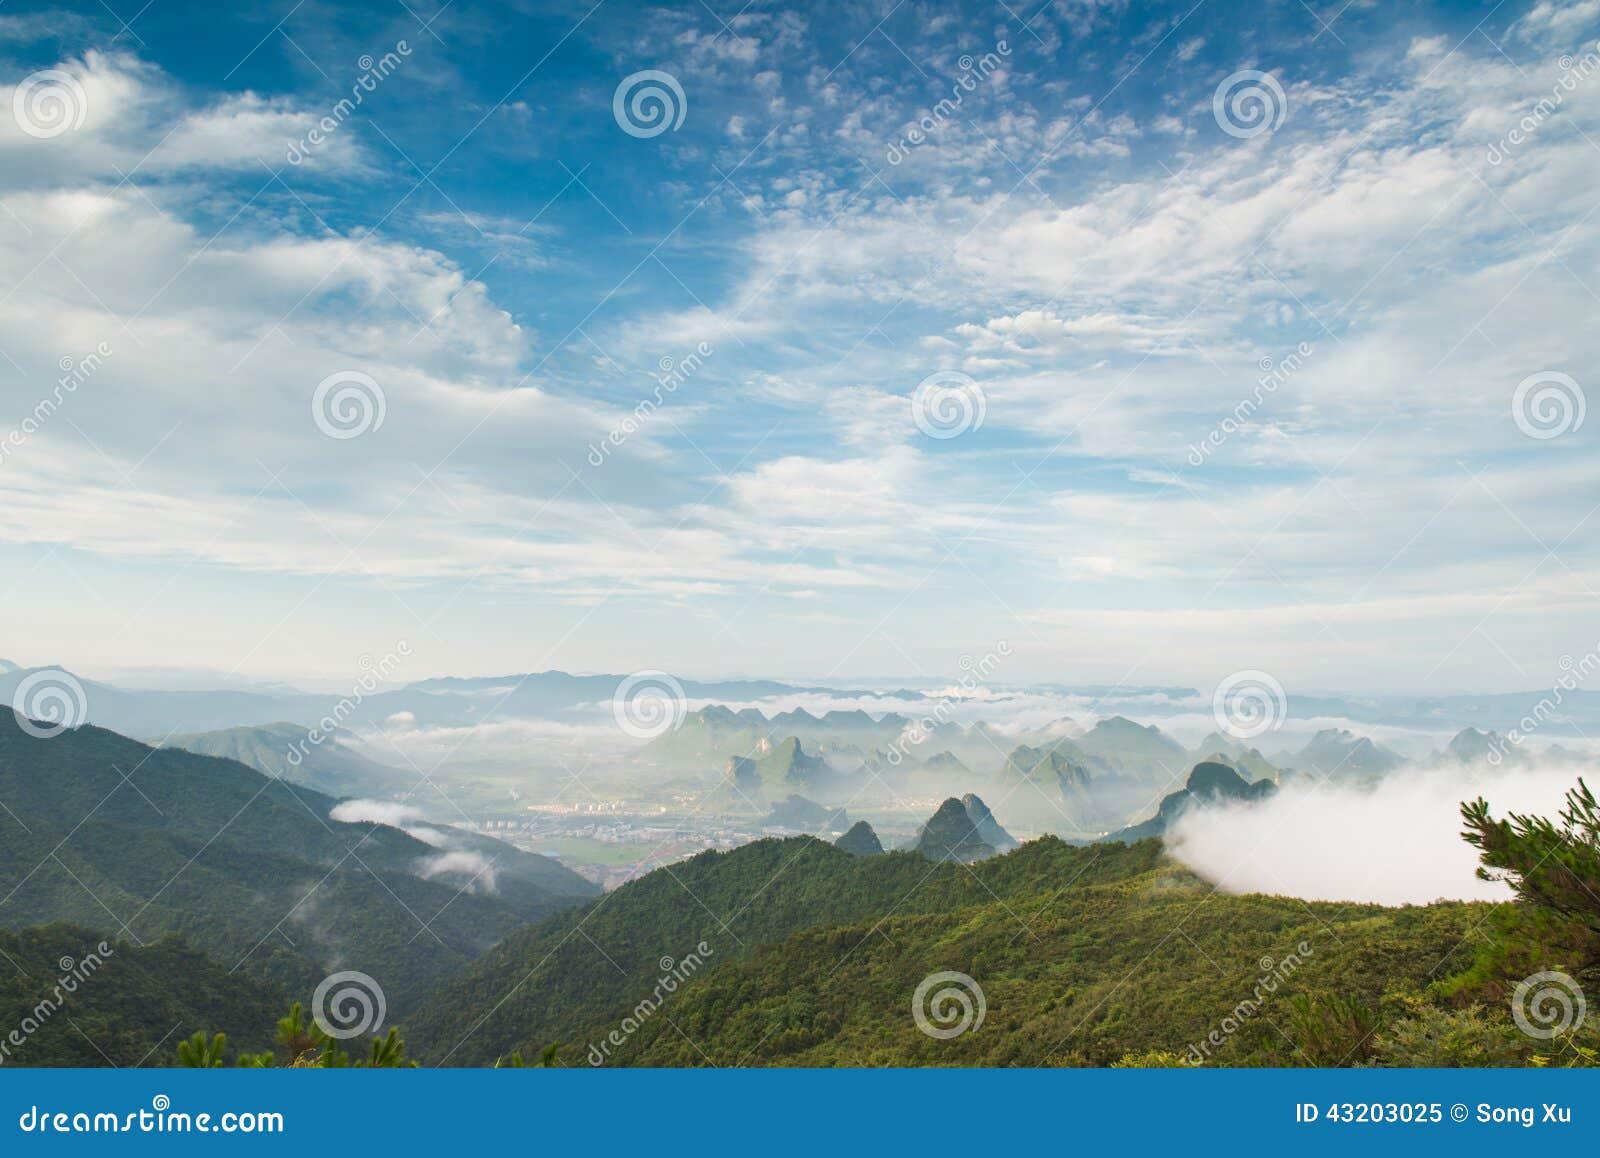 Download Den Maximala Vinden Runt Om Molnen Fotografering för Bildbyråer - Bild av brigham, quiet: 43203025